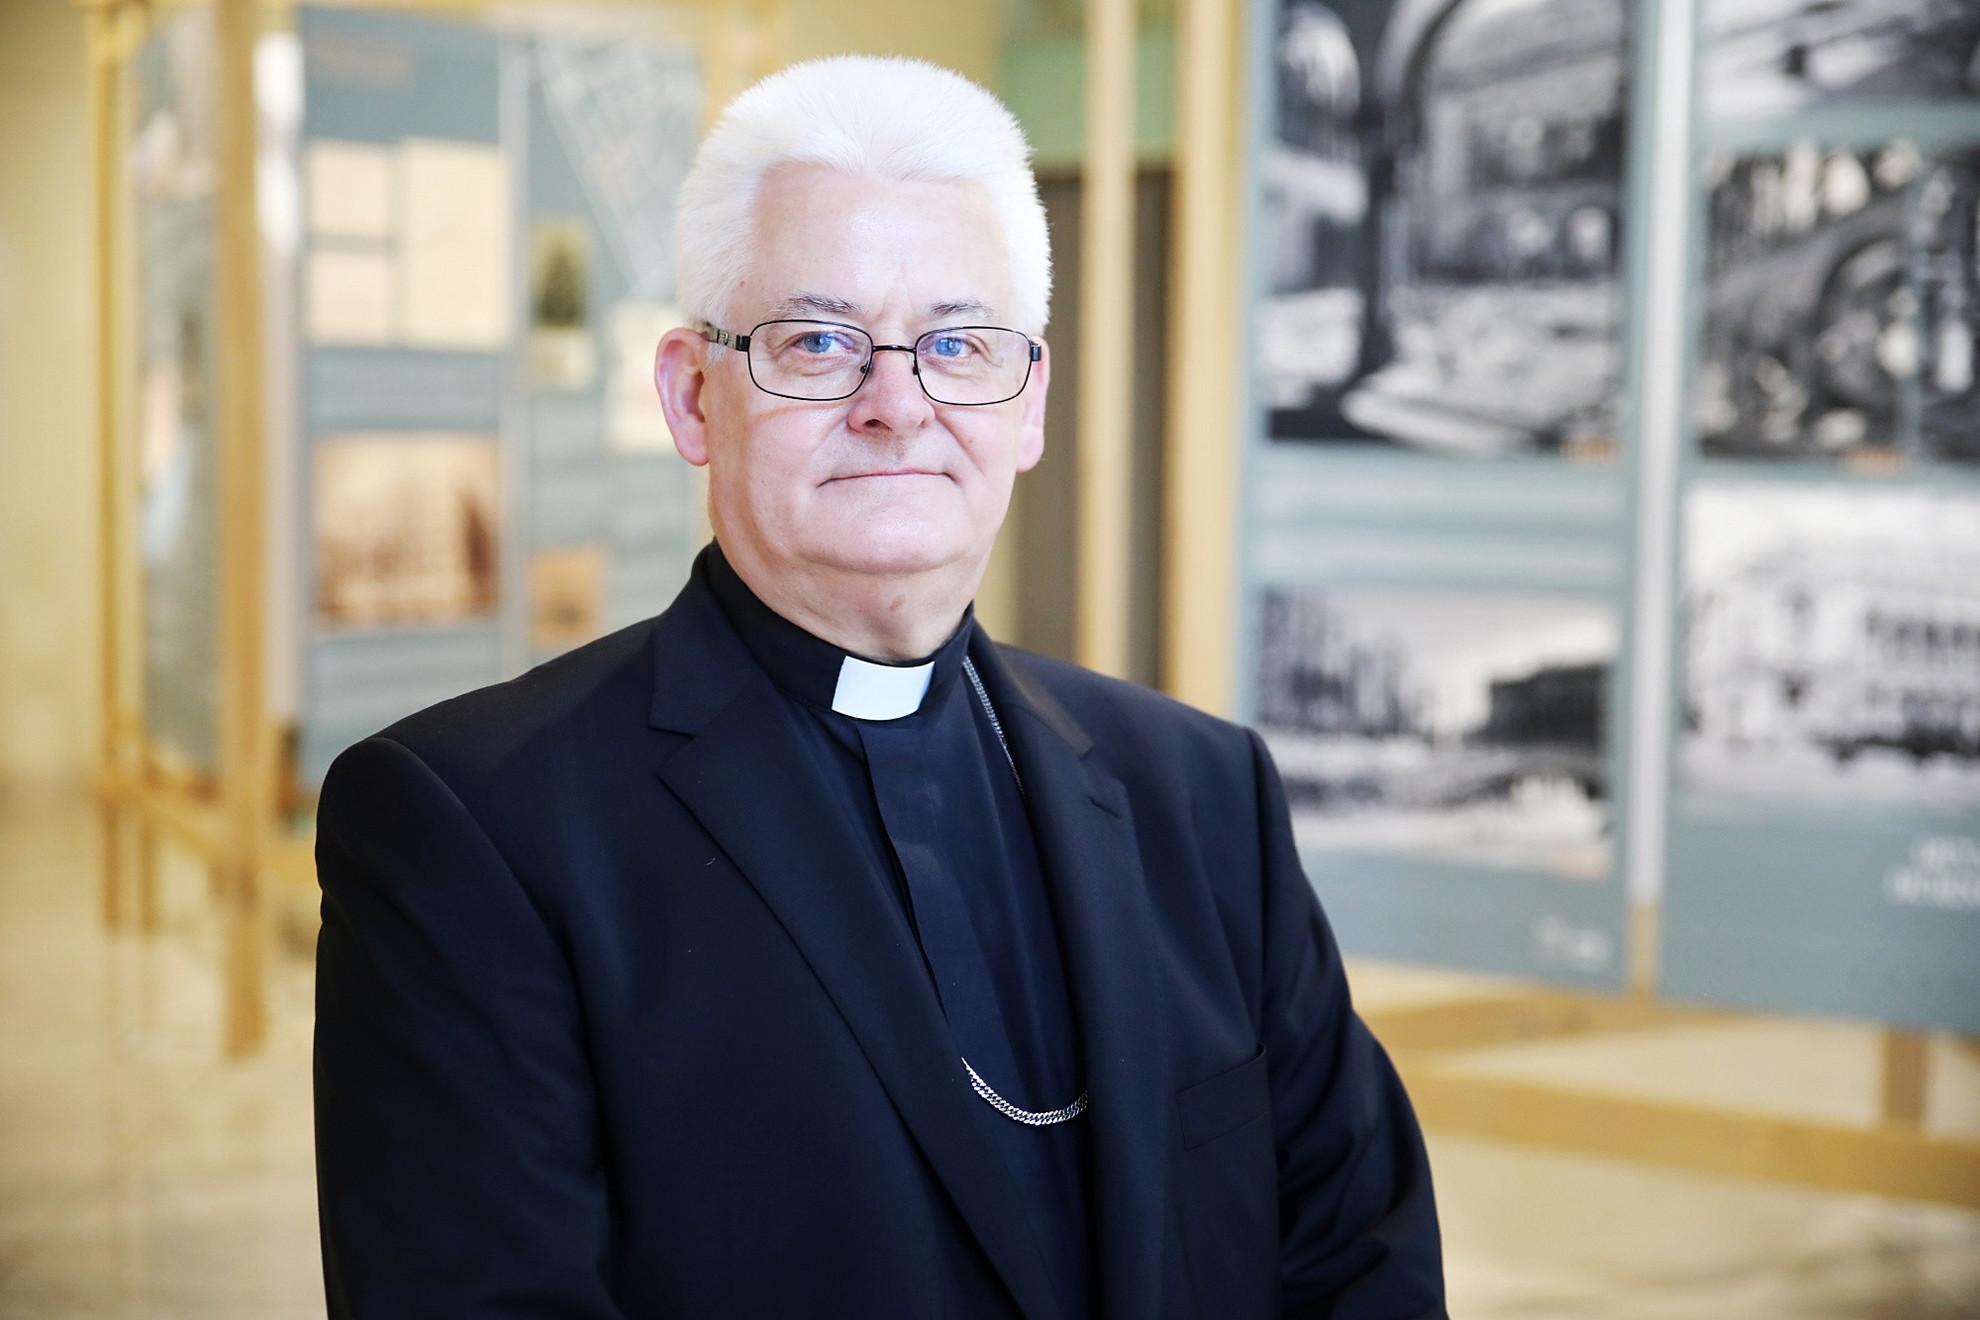 A Magyar Művészeti Akadémia Aranyérmét Spányi Antalnak, a Székesfehérvári Egyházmegye megyés püspökének, a Katolikus Rádió vezérigazgatójának adták